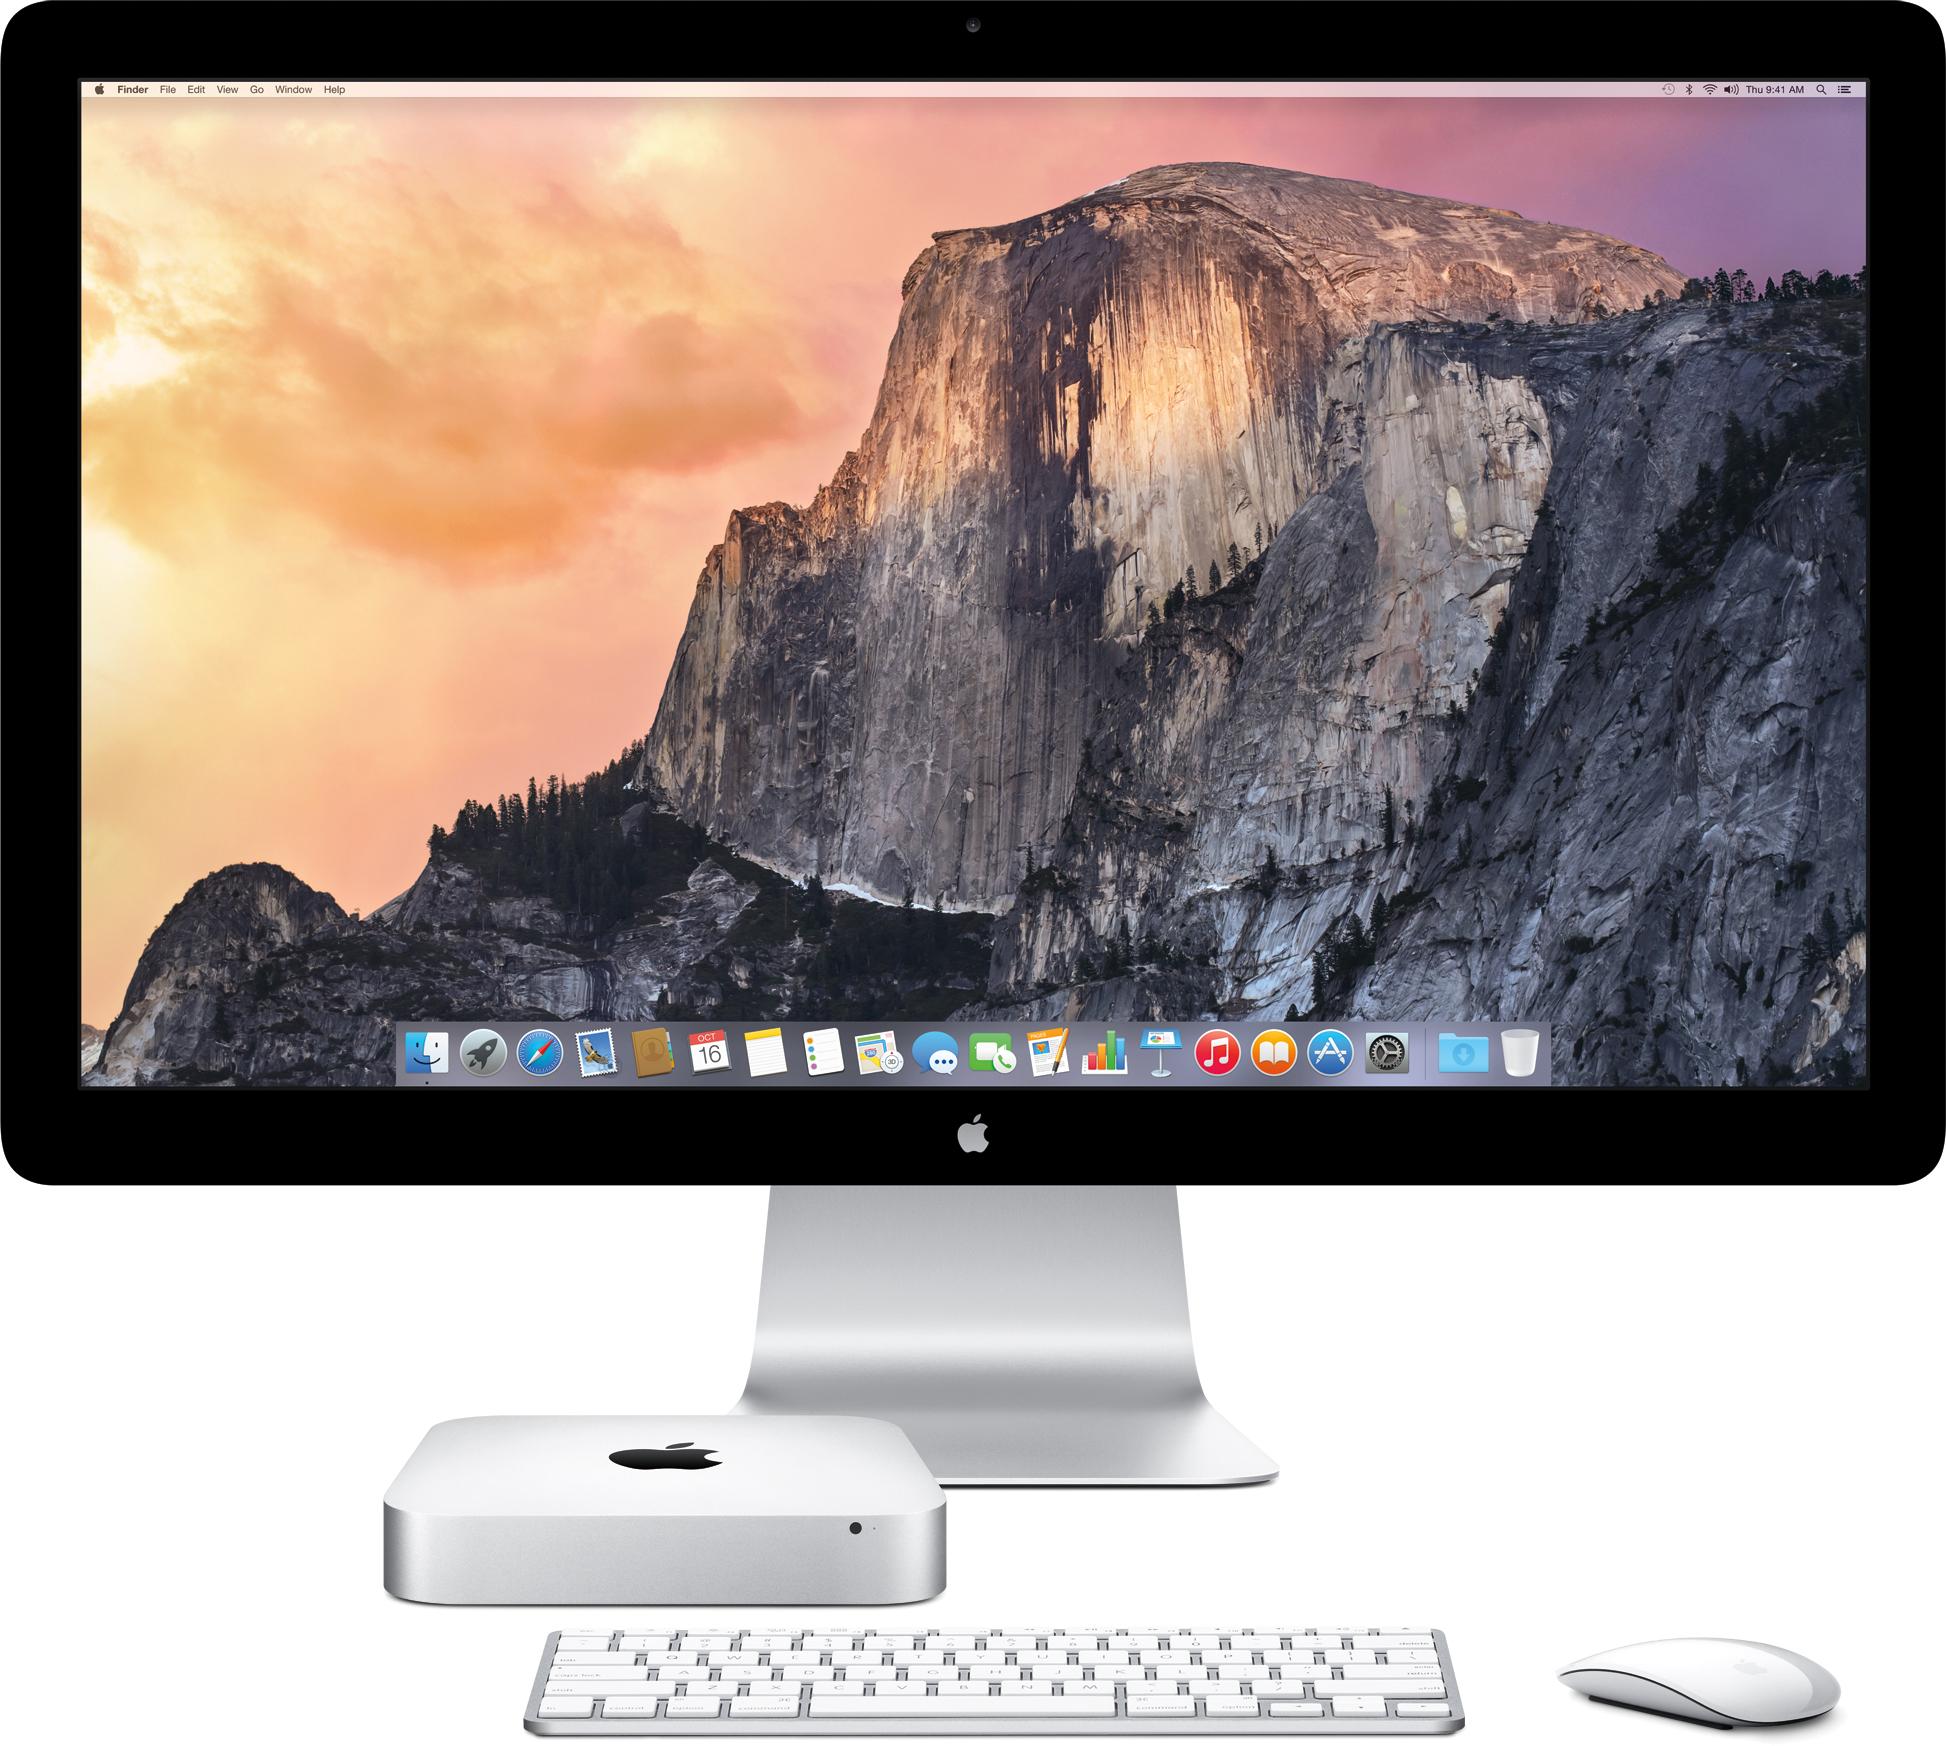 Novo Mac mini de frente com Thunderbolt Display, teclado e mouse